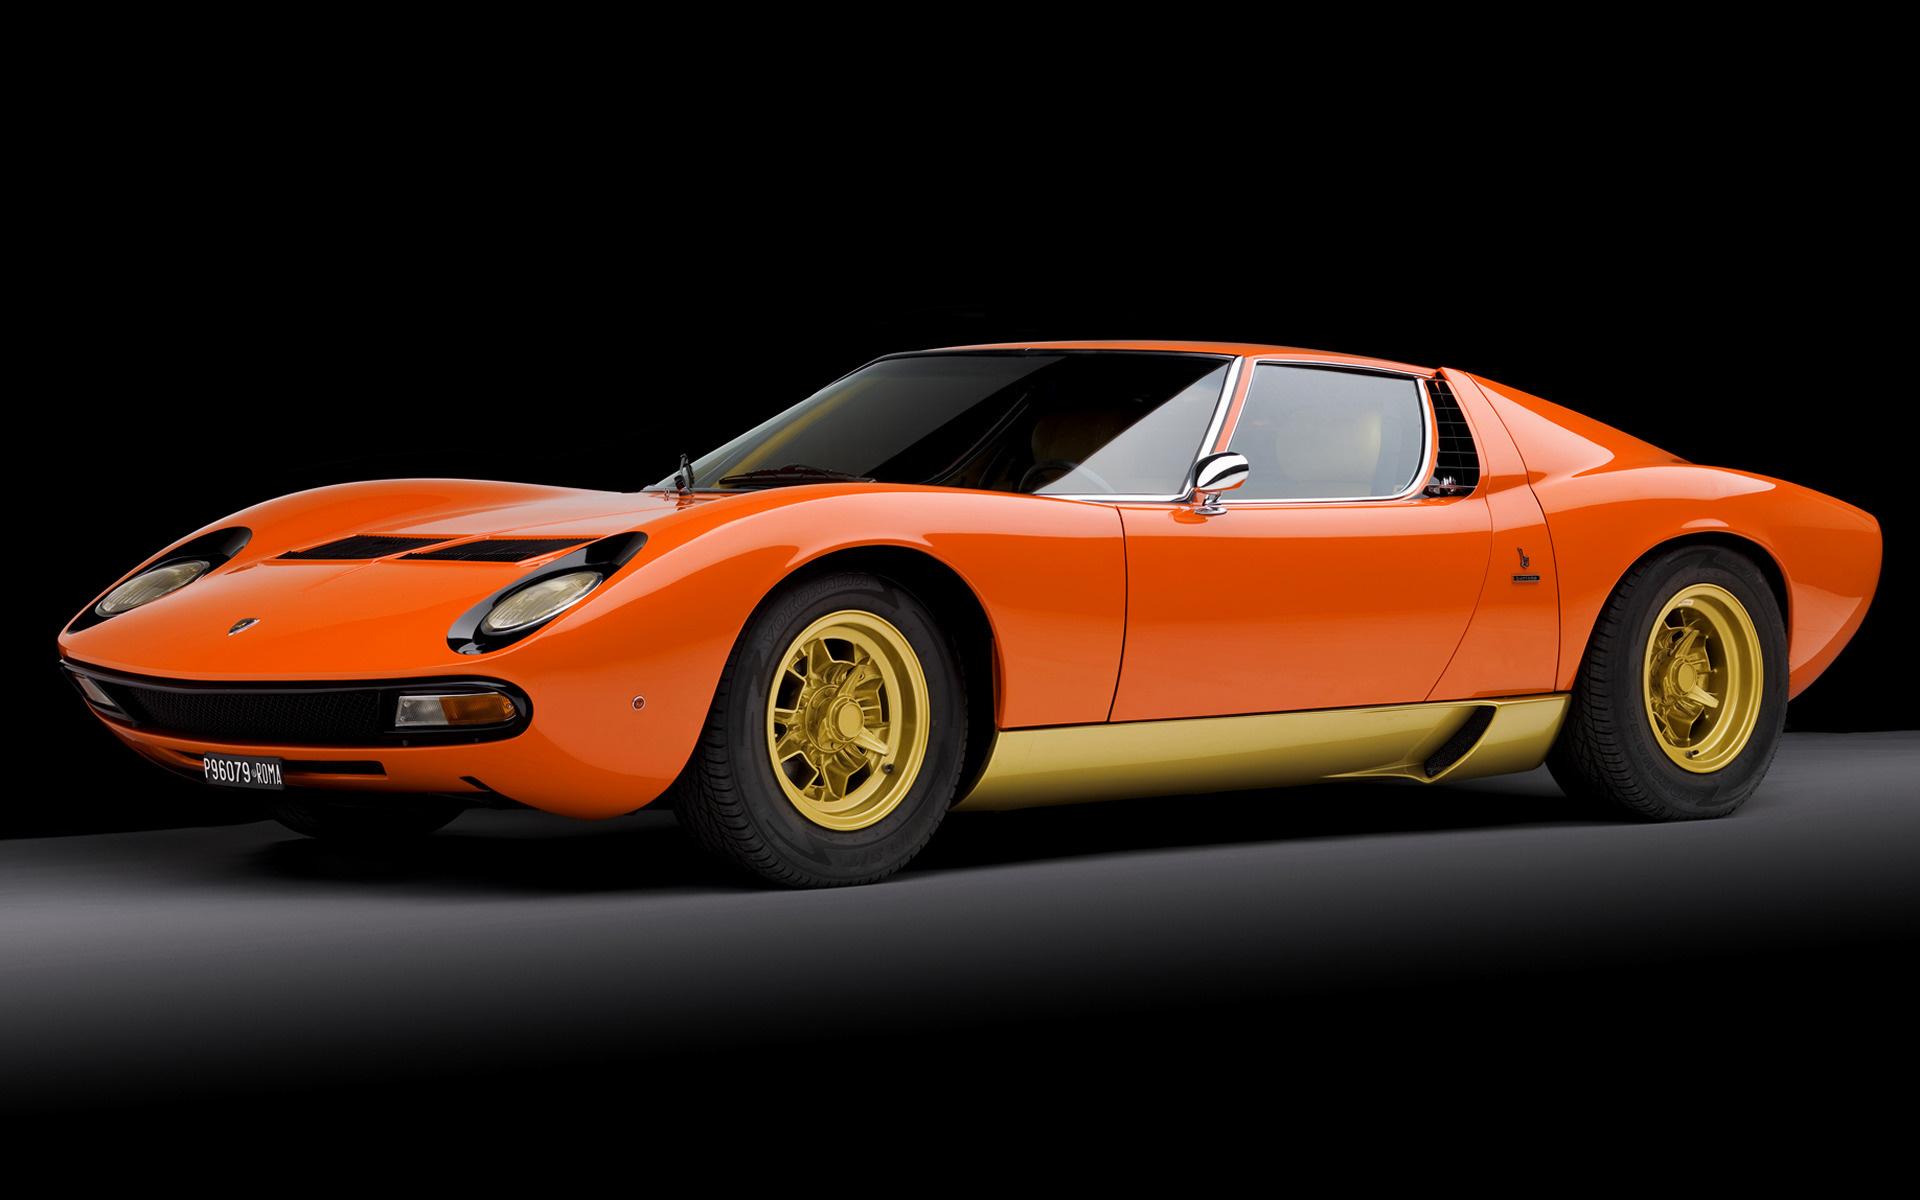 1971 Lamborghini Miura SV - Wallpapers and HD Images | Car ...